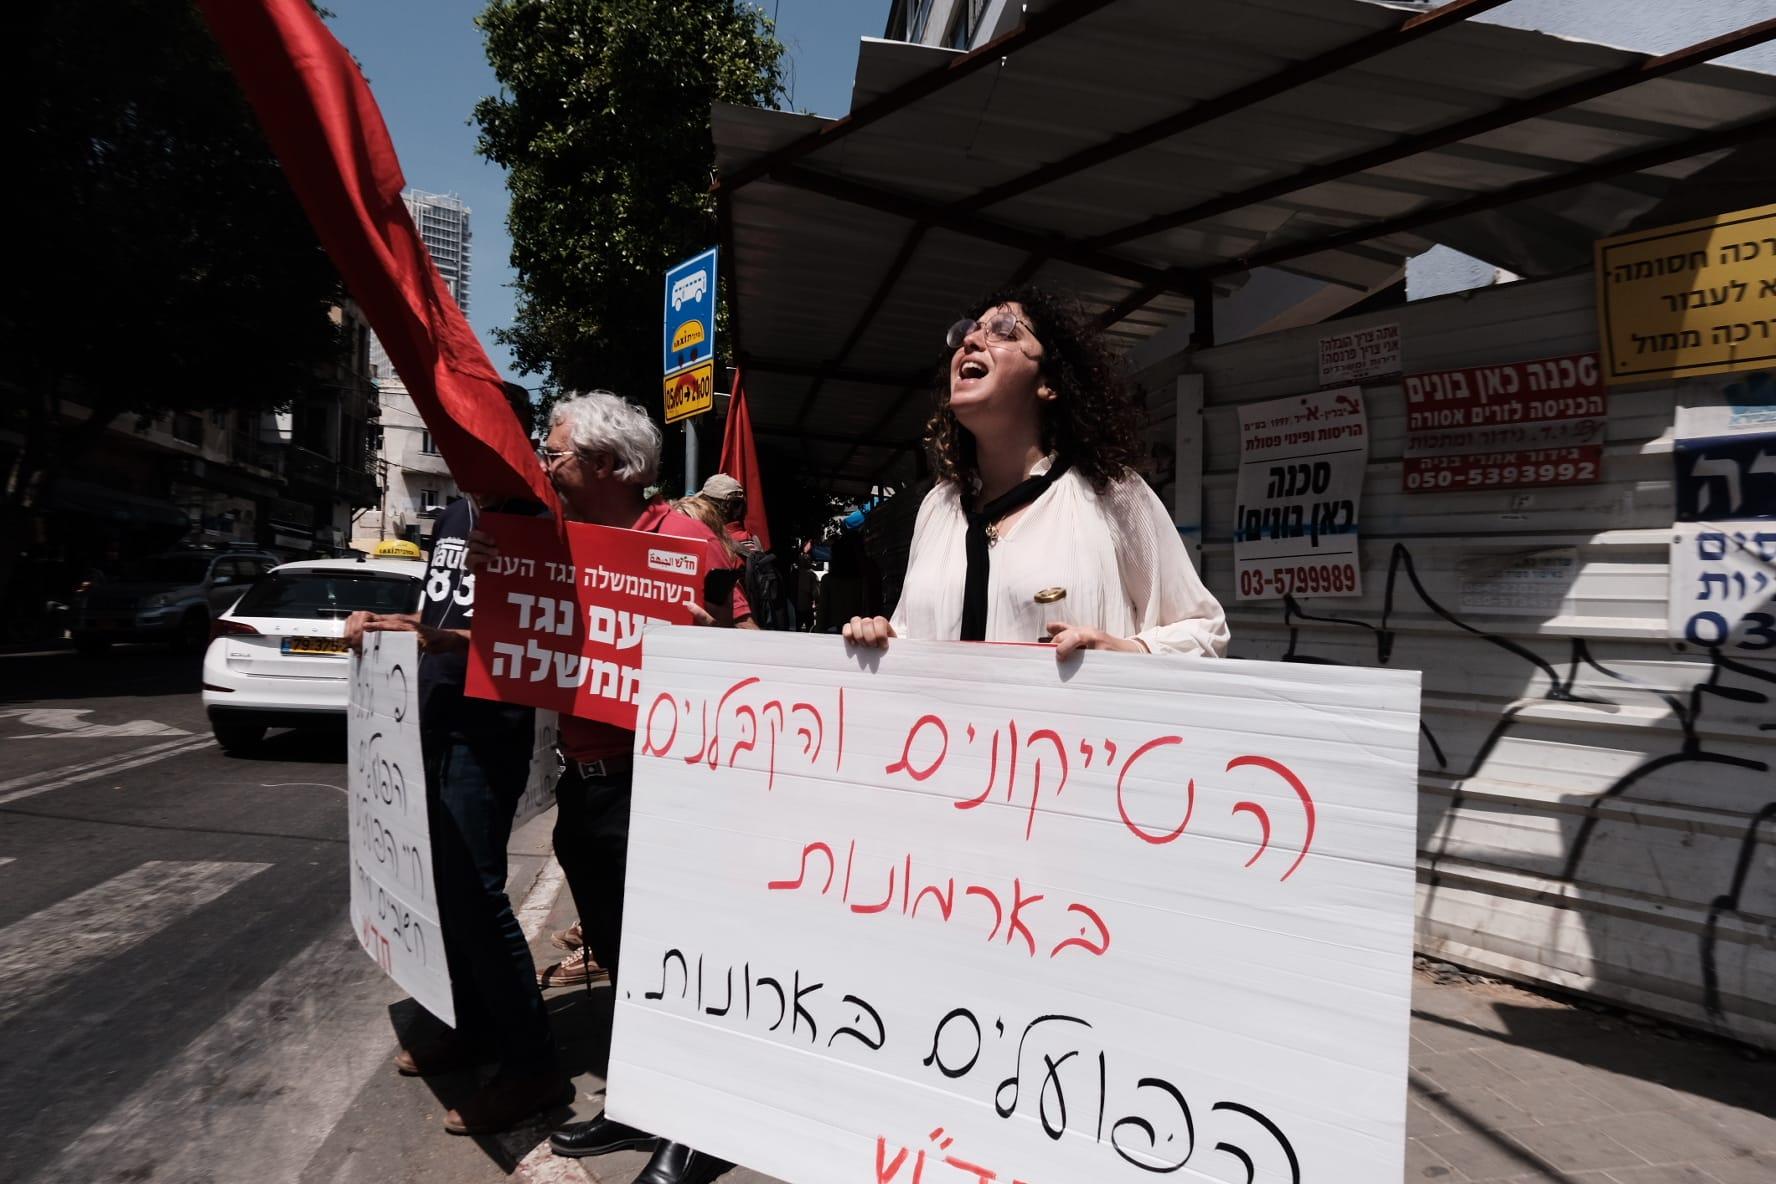 """הפגנה חודשית נגד תאונות עבודה והקטל בענף בניין של פעילי חד""""ש ומקי התקיימה בת""""א"""